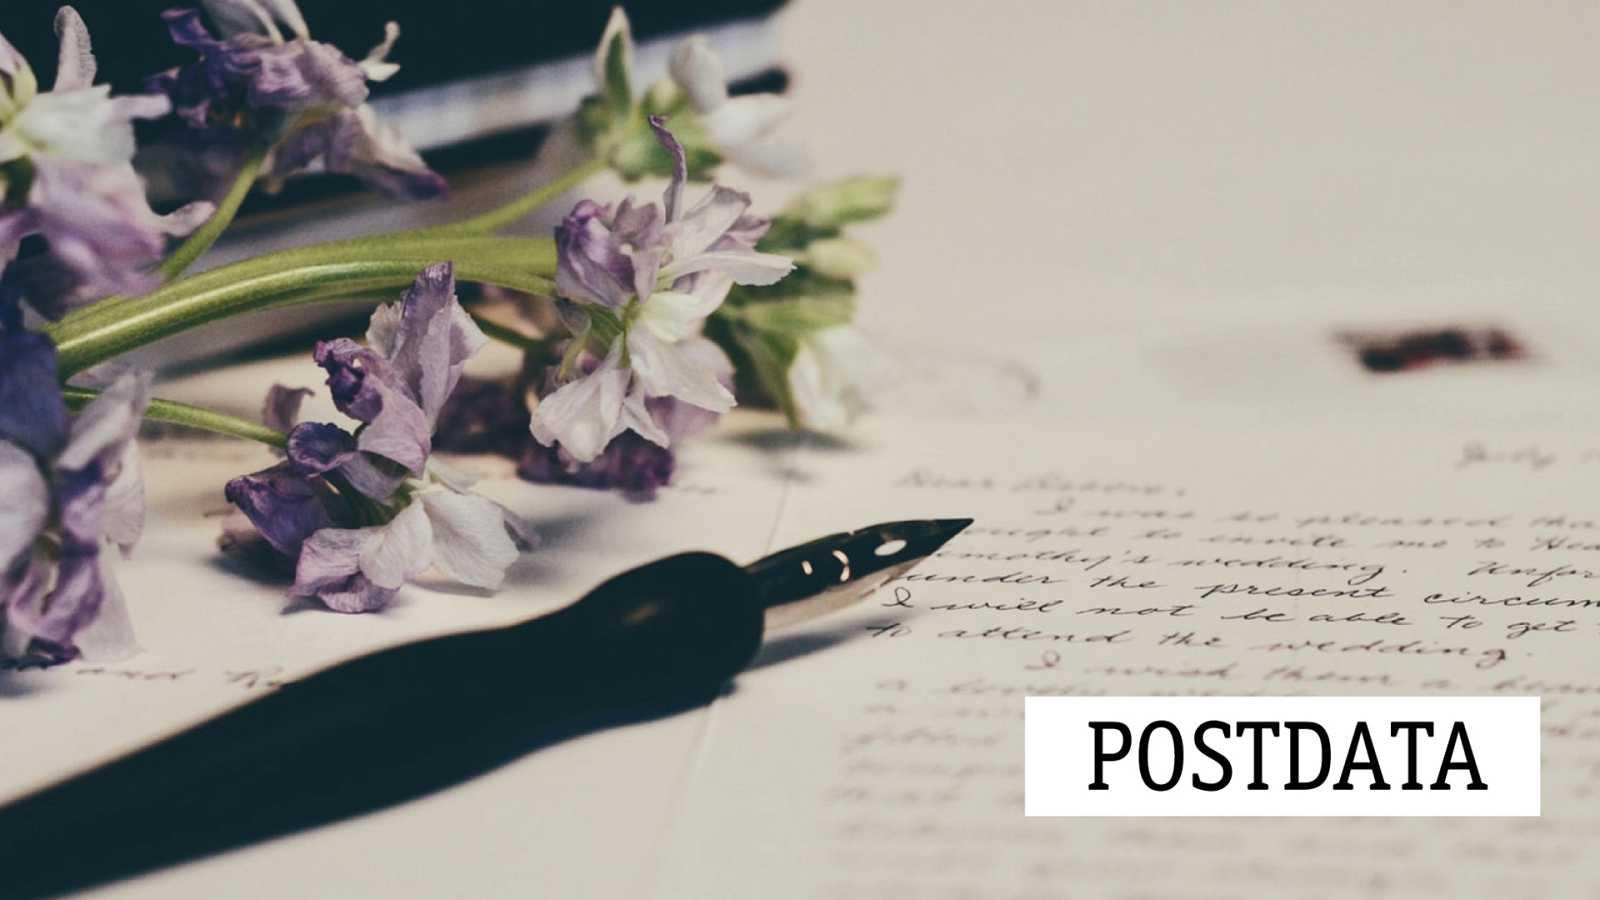 Postdata - Carta 150: El jazz en la clásica (y viceversa) - 22/05/20 - escuchar ahora